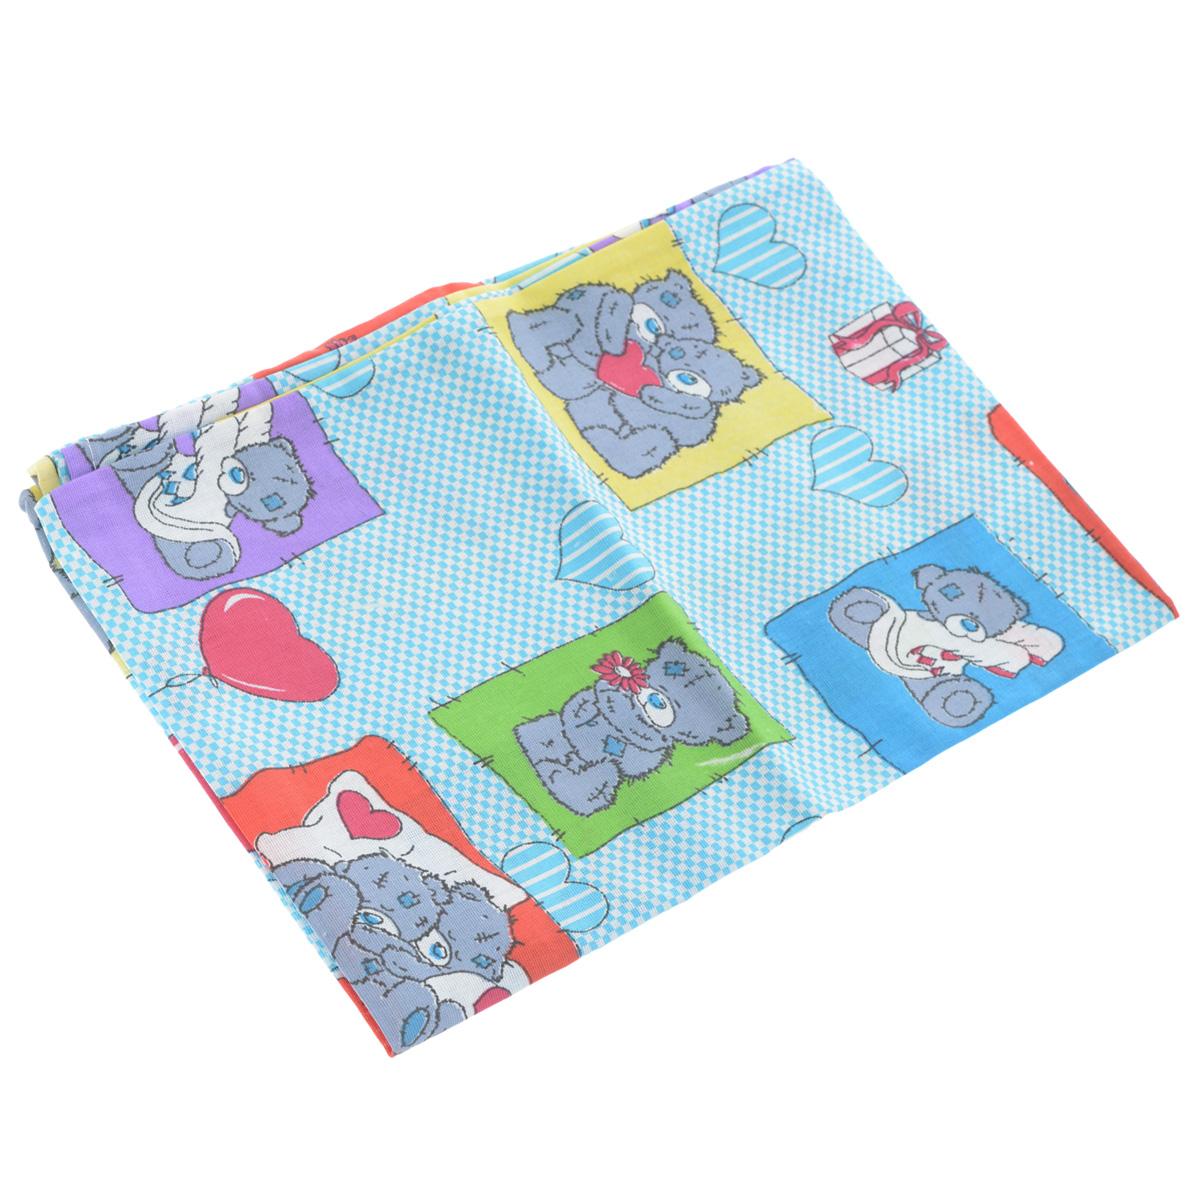 Наволочка детская Фея Мишки, цвет: голубой, 40 см х 60 см0001056-1Детская наволочка Фея Мишки, идеально подойдет для подушки вашего малыша. Изготовленная из натурального 100% хлопка, она необычайно мягкая и приятная на ощупь. Натуральный материал не раздражает даже самую нежную и чувствительную кожу ребенка, обеспечивая ему наибольший комфорт. Приятный рисунок наволочки, несомненно, понравится малышу и привлечет его внимание. На подушке с такой наволочкой ваша кроха будет спать здоровым и крепким сном. УВАЖАЕМЫЕ КЛИЕНТЫ! Обращаем ваше внимание на возможные изменения в дизайне, связанные с ассортиментом продукции: рисунок может отличаться от представленного на изображении.